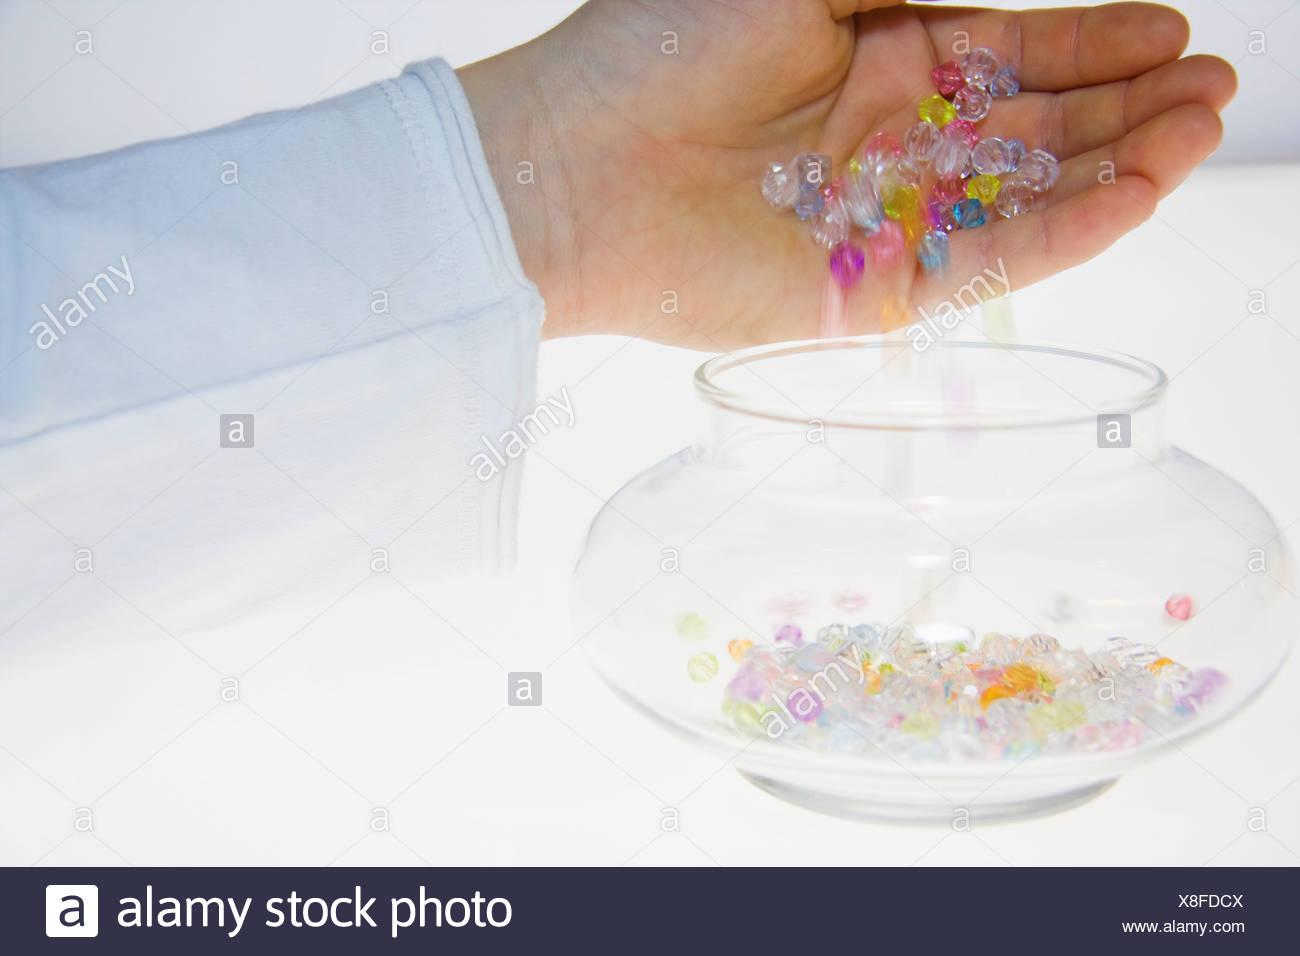 Una persona moldee bolas de colores en una jarra Imagen De Stock